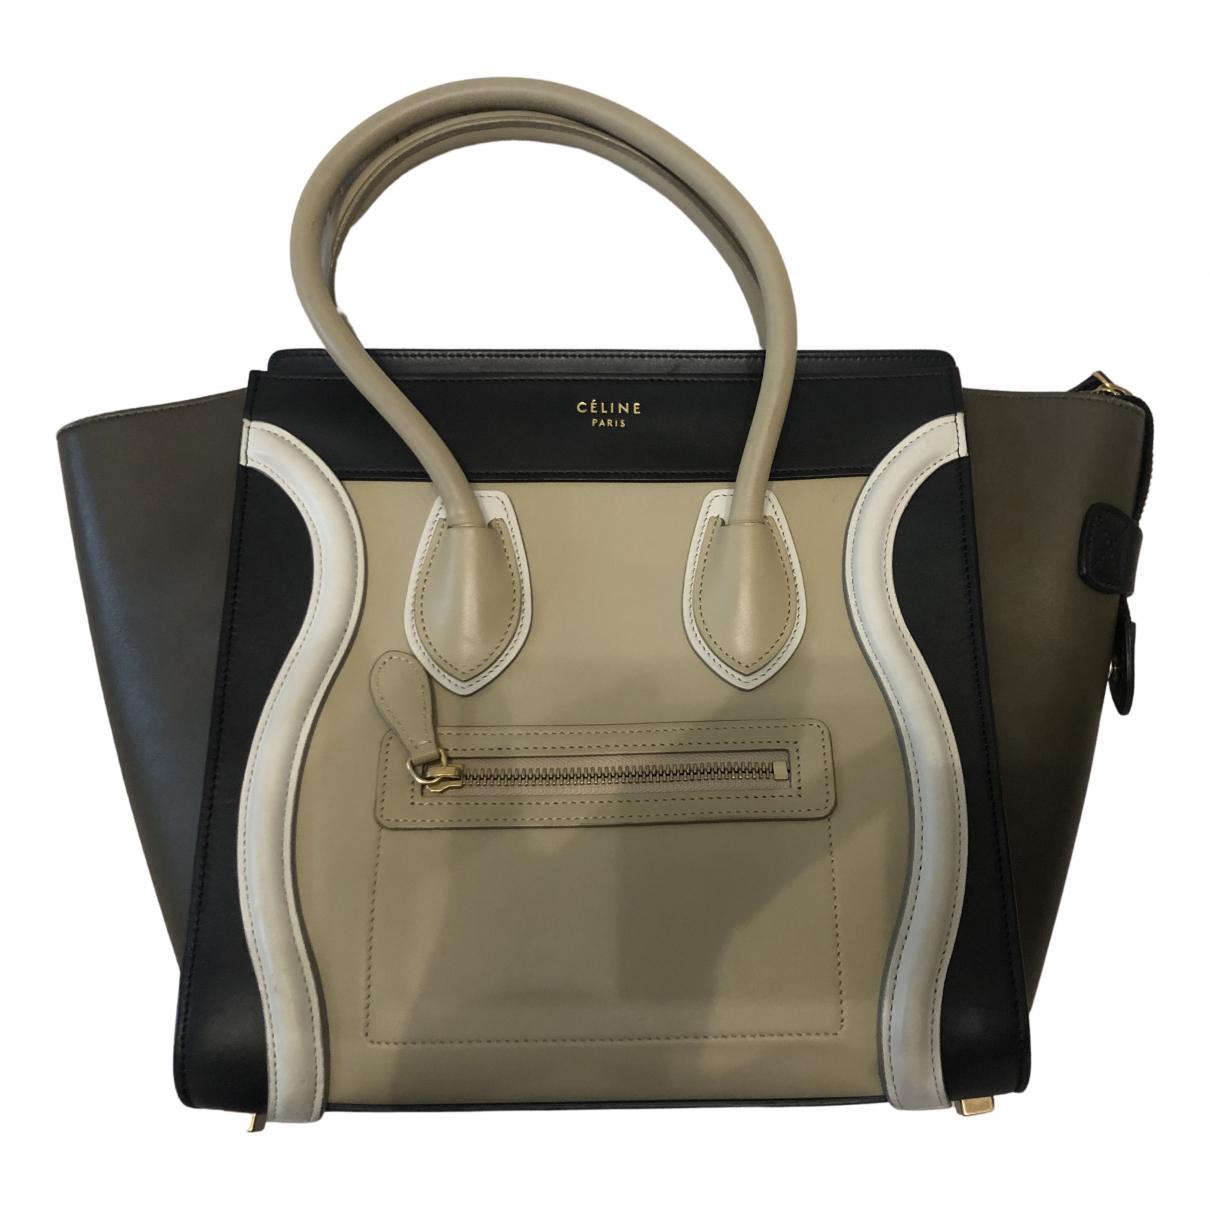 Celine - Sac a main Luggage pour femme en cuir - multicolore